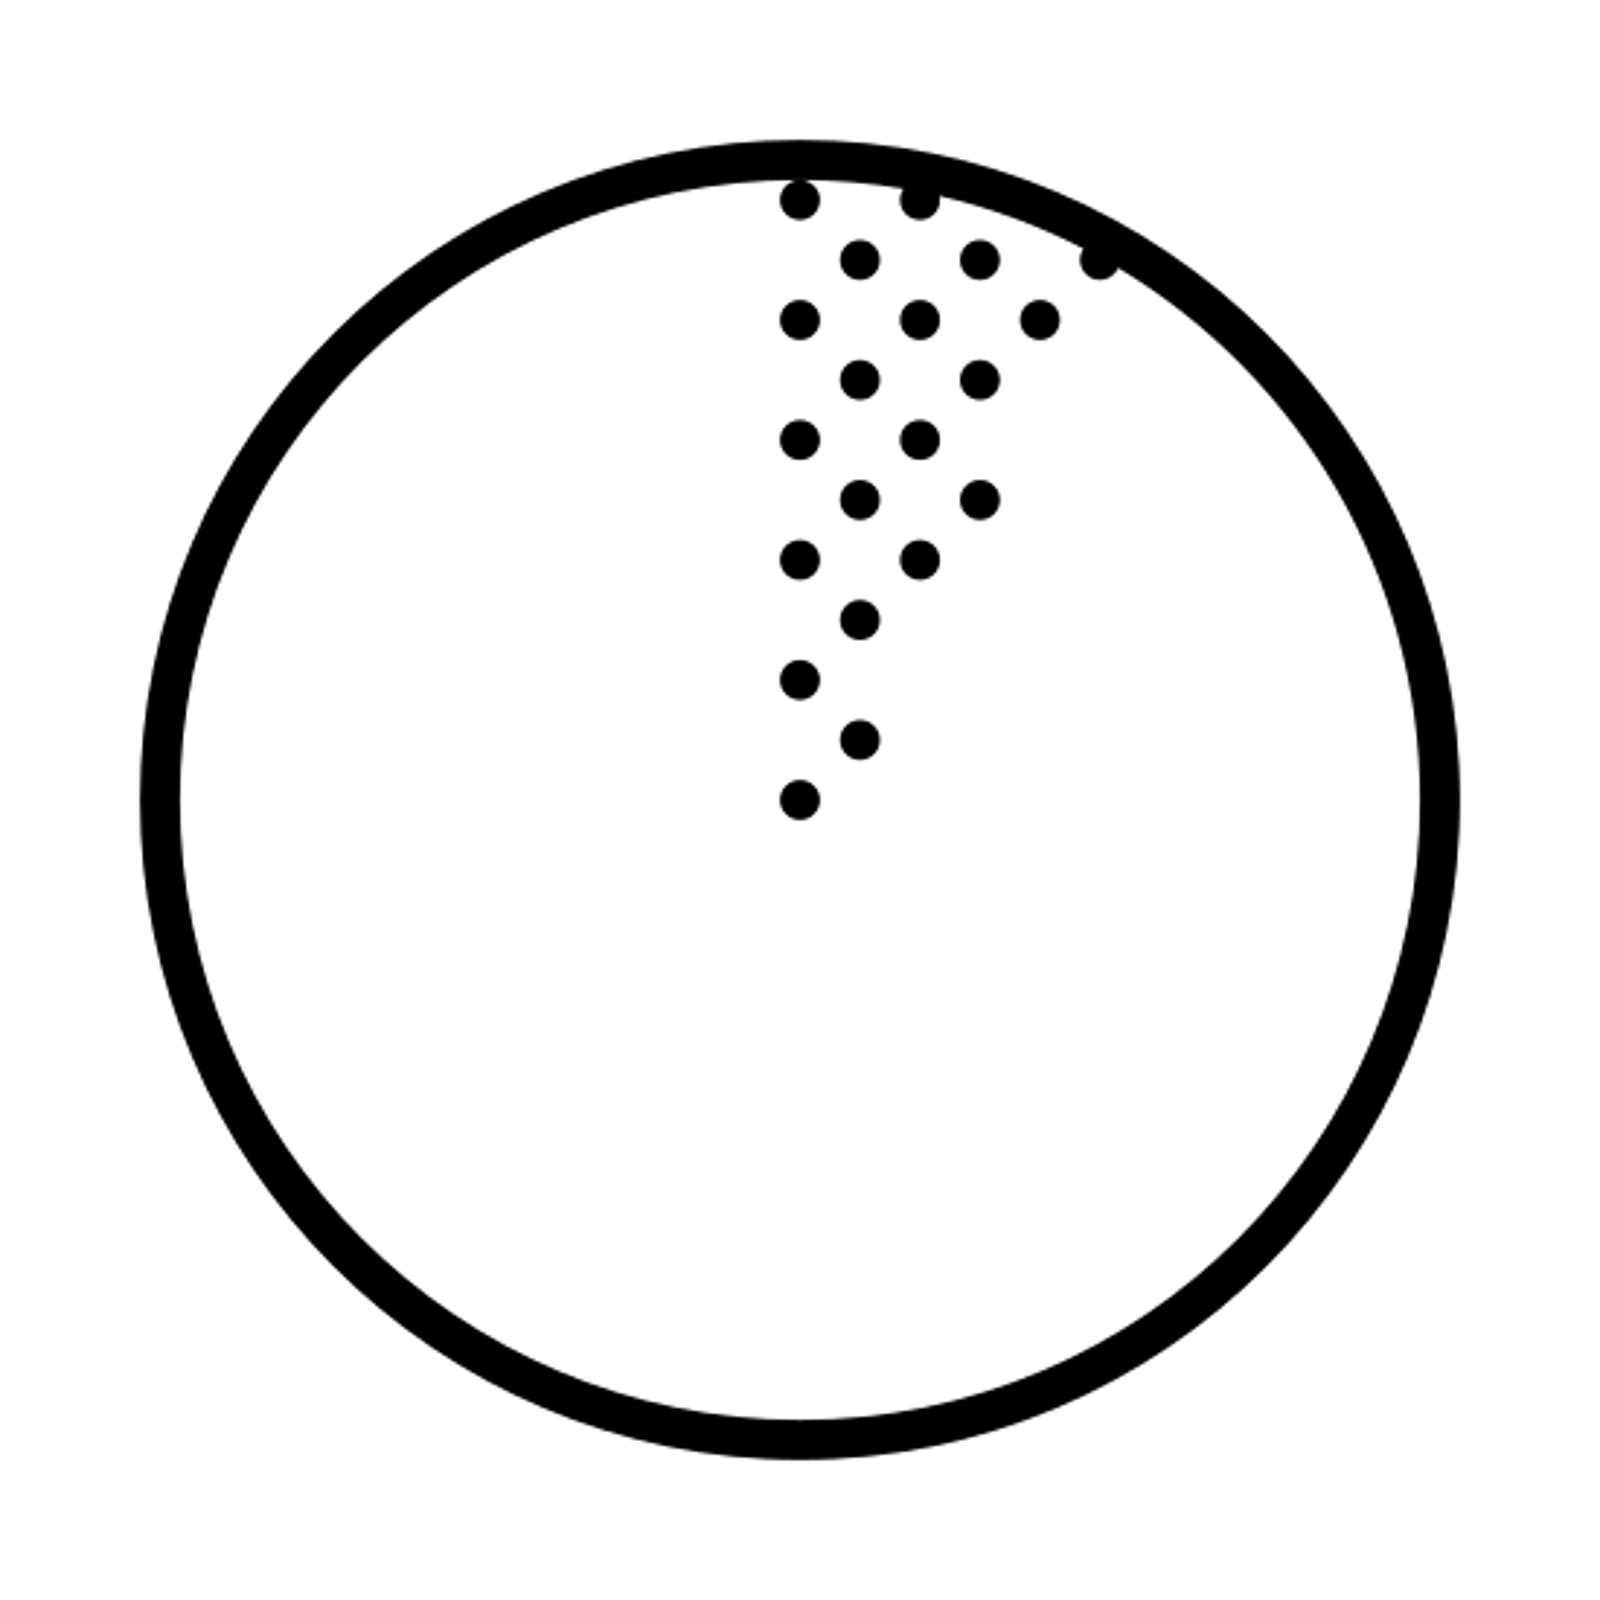 30 stopni icon